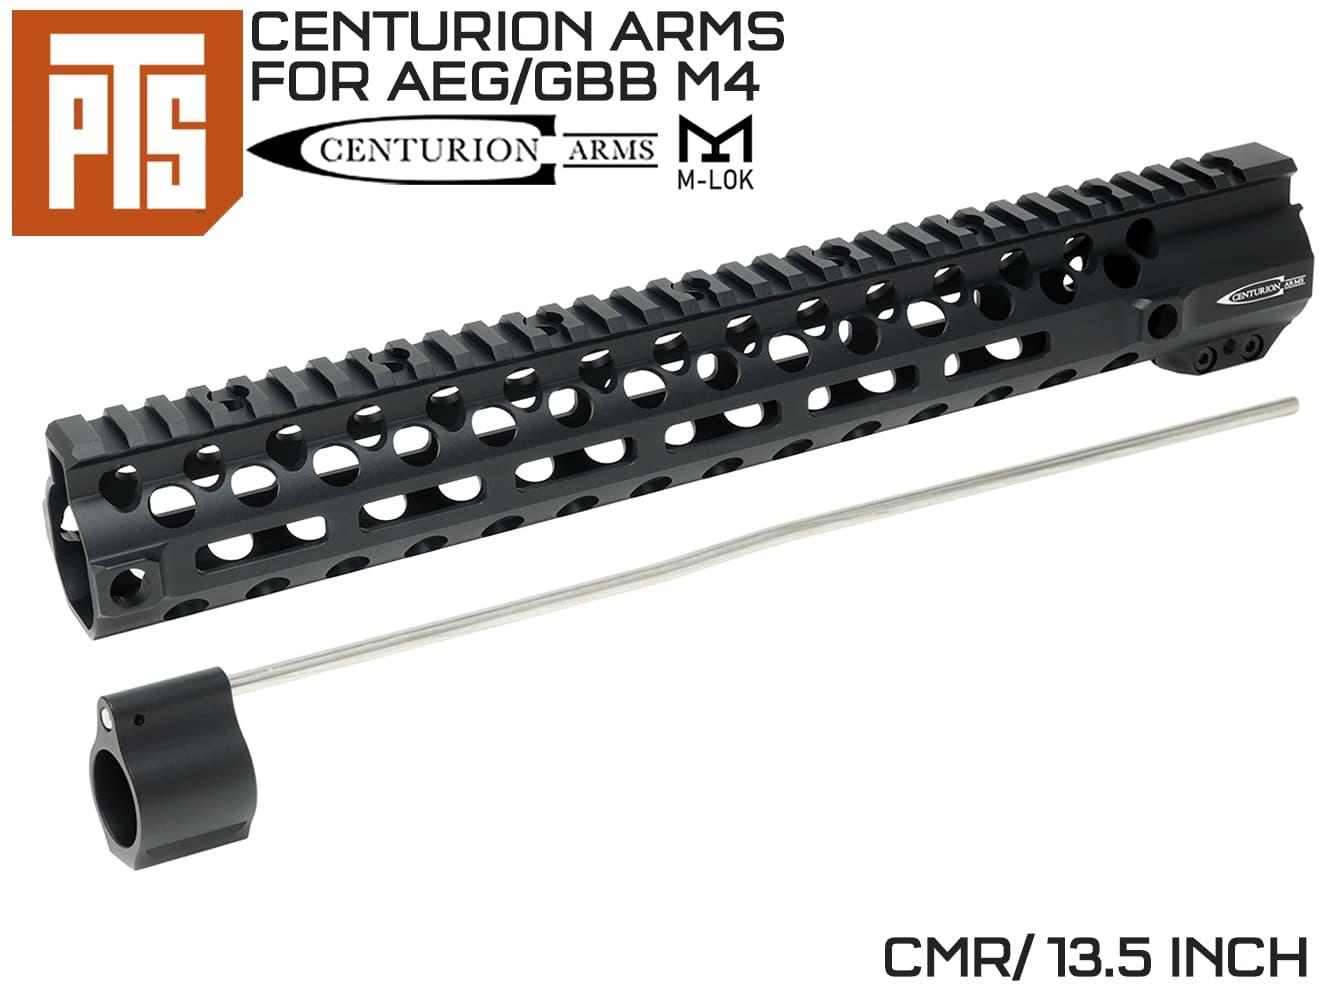 【正規品】PTS Centurion Arms CMR M-LOKレール 13.5インチ for M4◆マルイ系 AEG/GBB M4用 RAS エムロックモジューラーレール 軽量 民間カスタム KSC